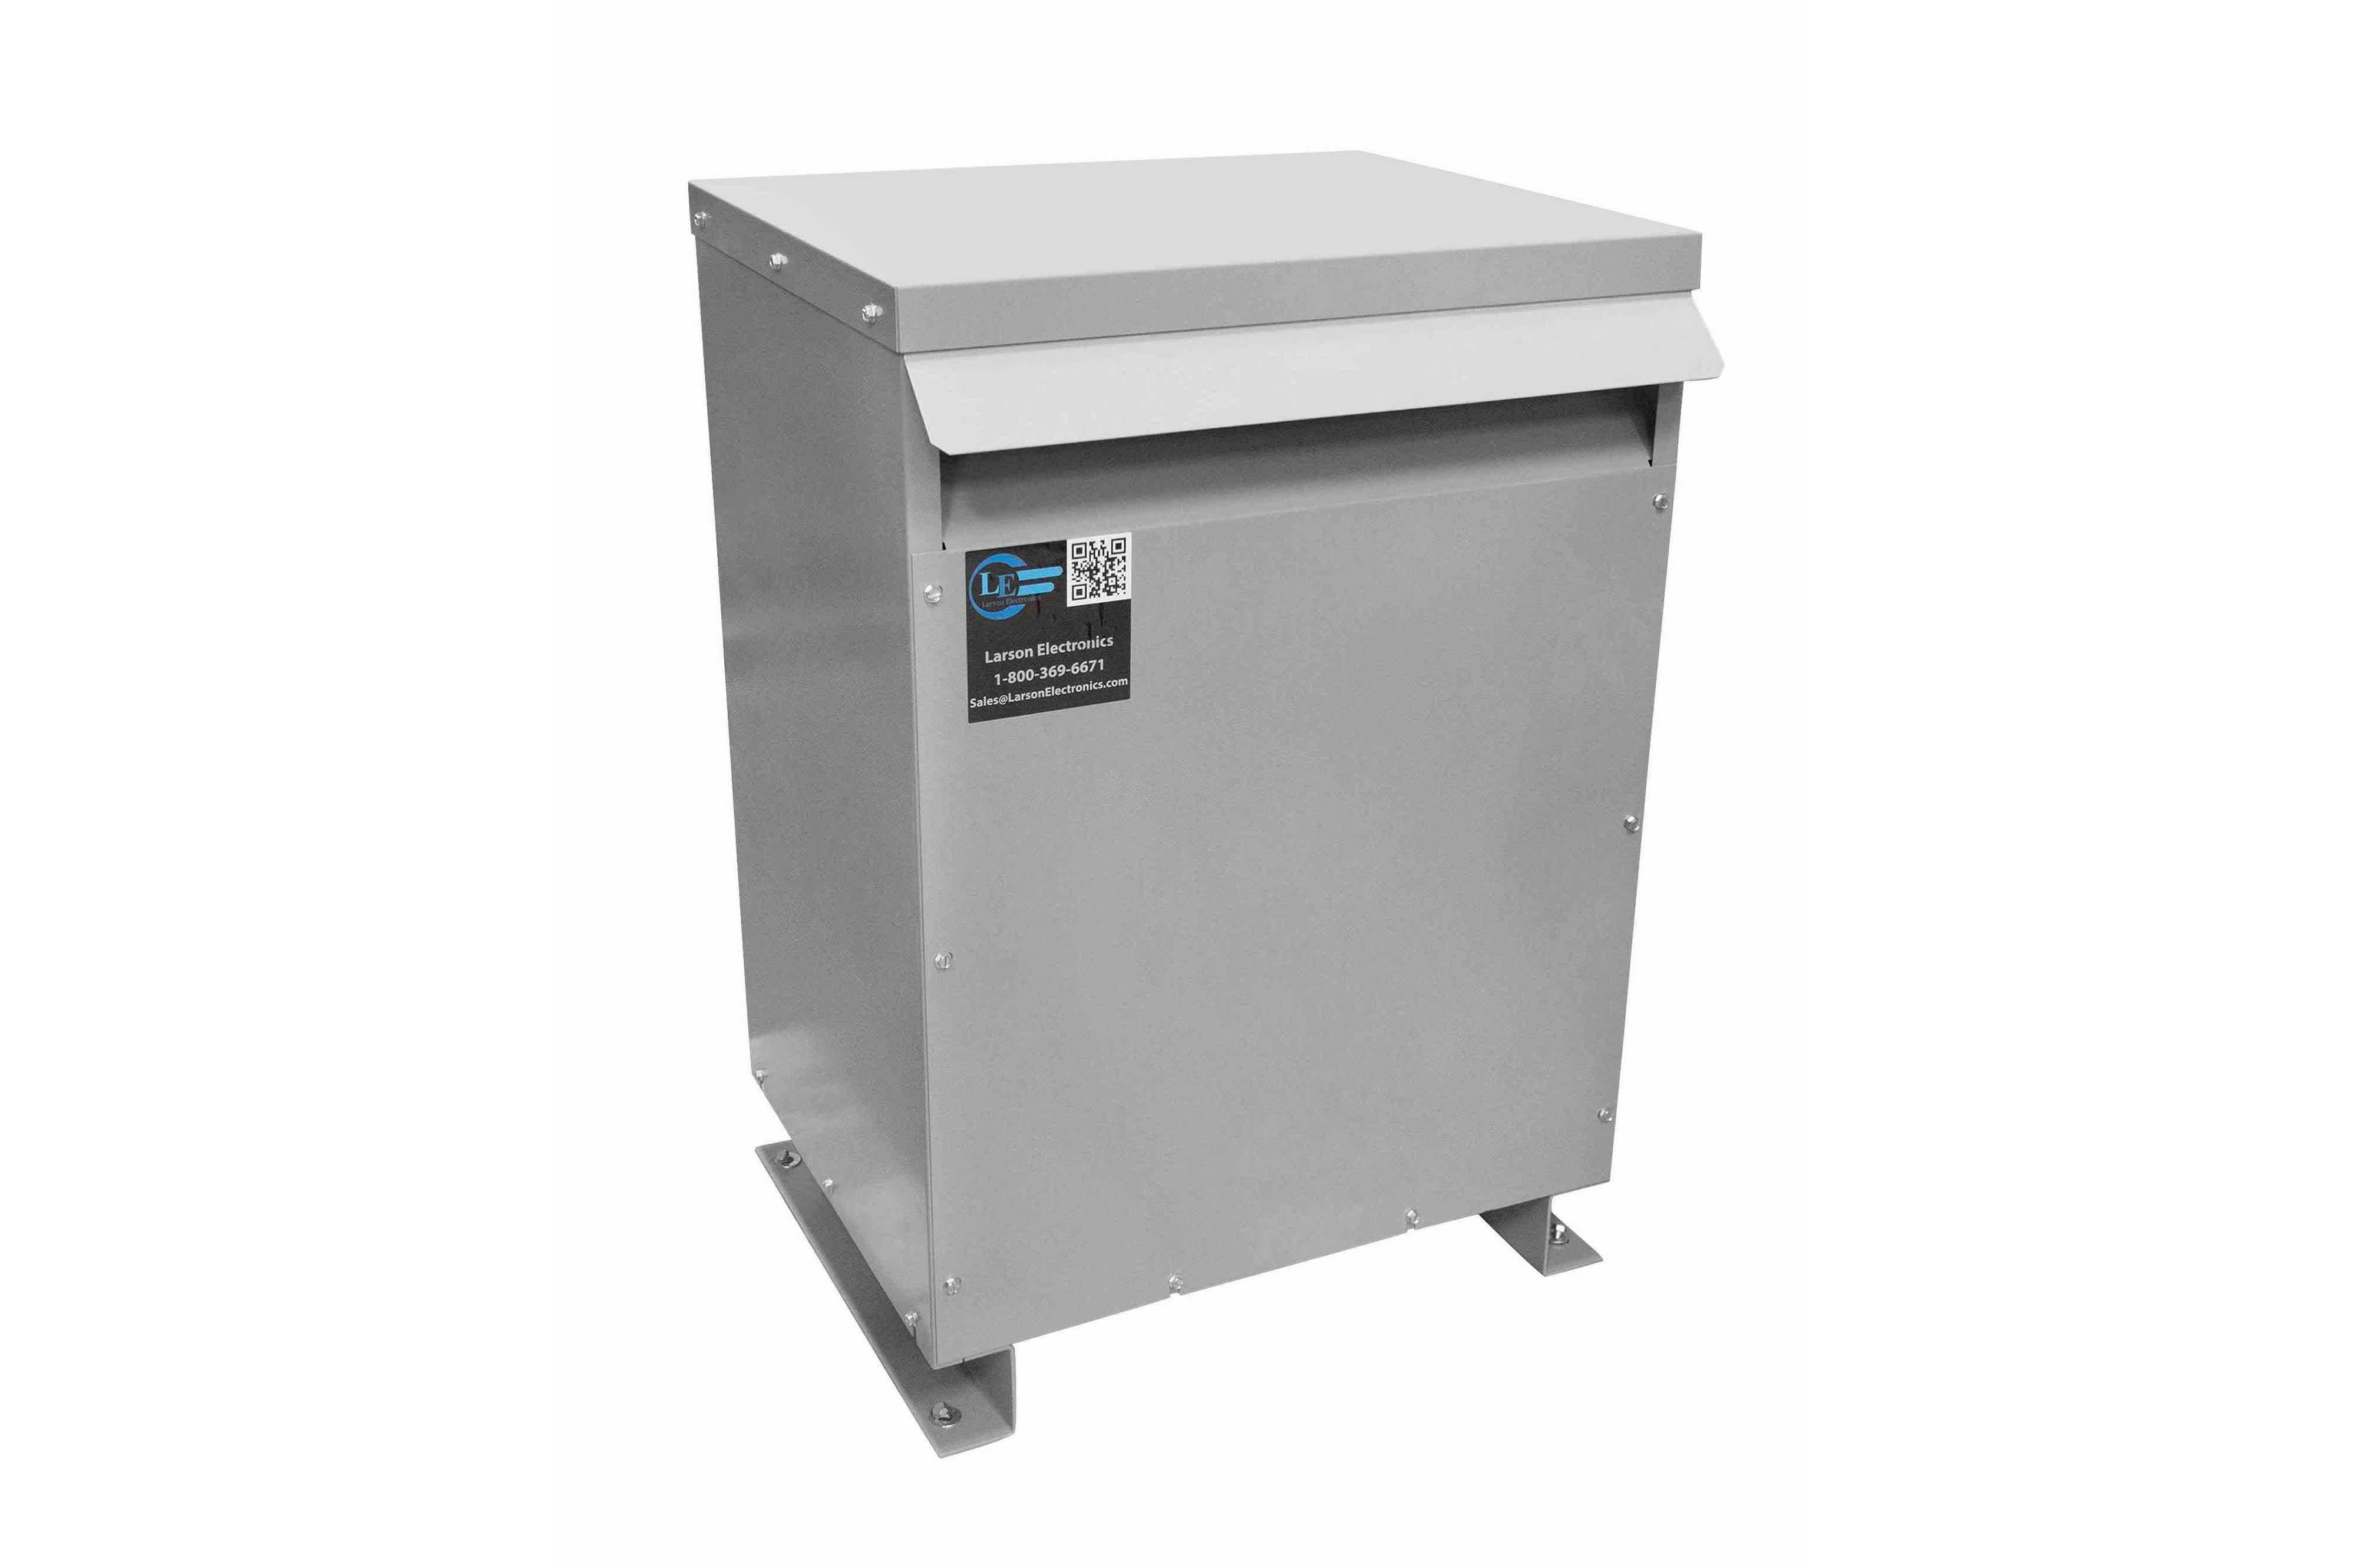 175 kVA 3PH Isolation Transformer, 600V Delta Primary, 480V Delta Secondary, N3R, Ventilated, 60 Hz